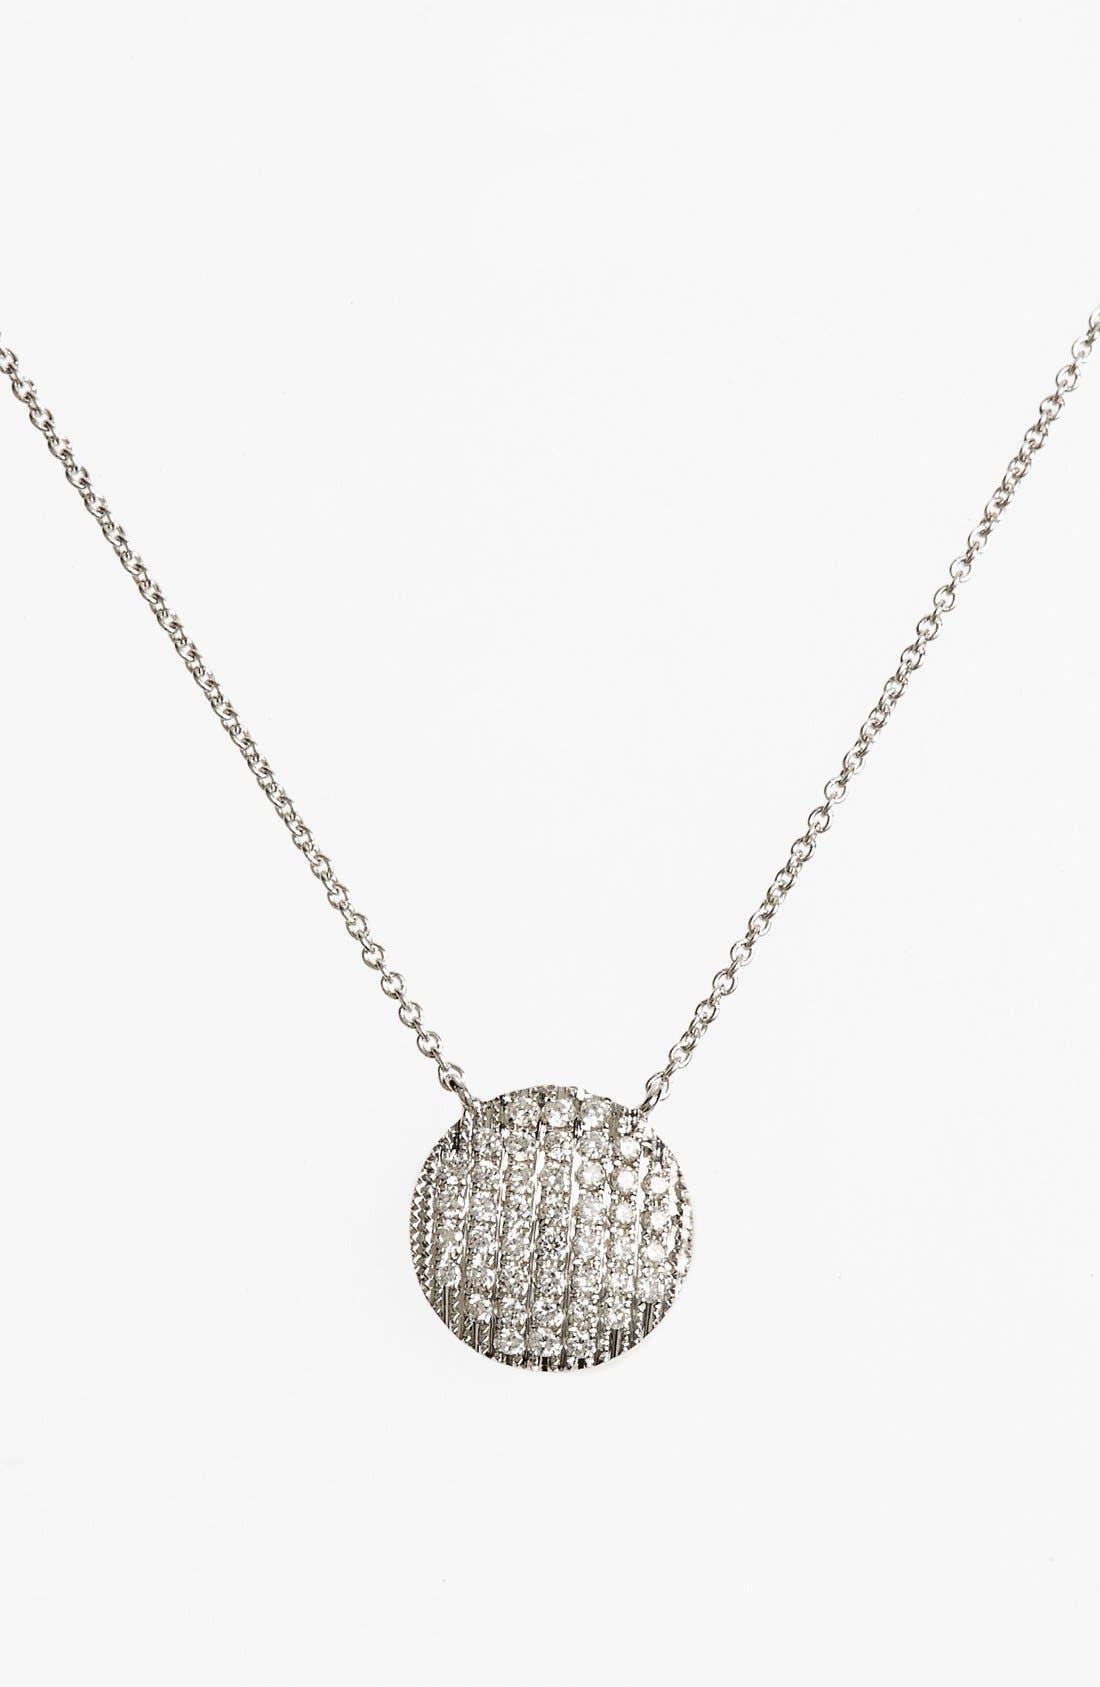 DANA REBECCA DESIGNS, 'Lauren Joy' Diamond Disc Pendant Necklace, Main thumbnail 1, color, WHITE GOLD